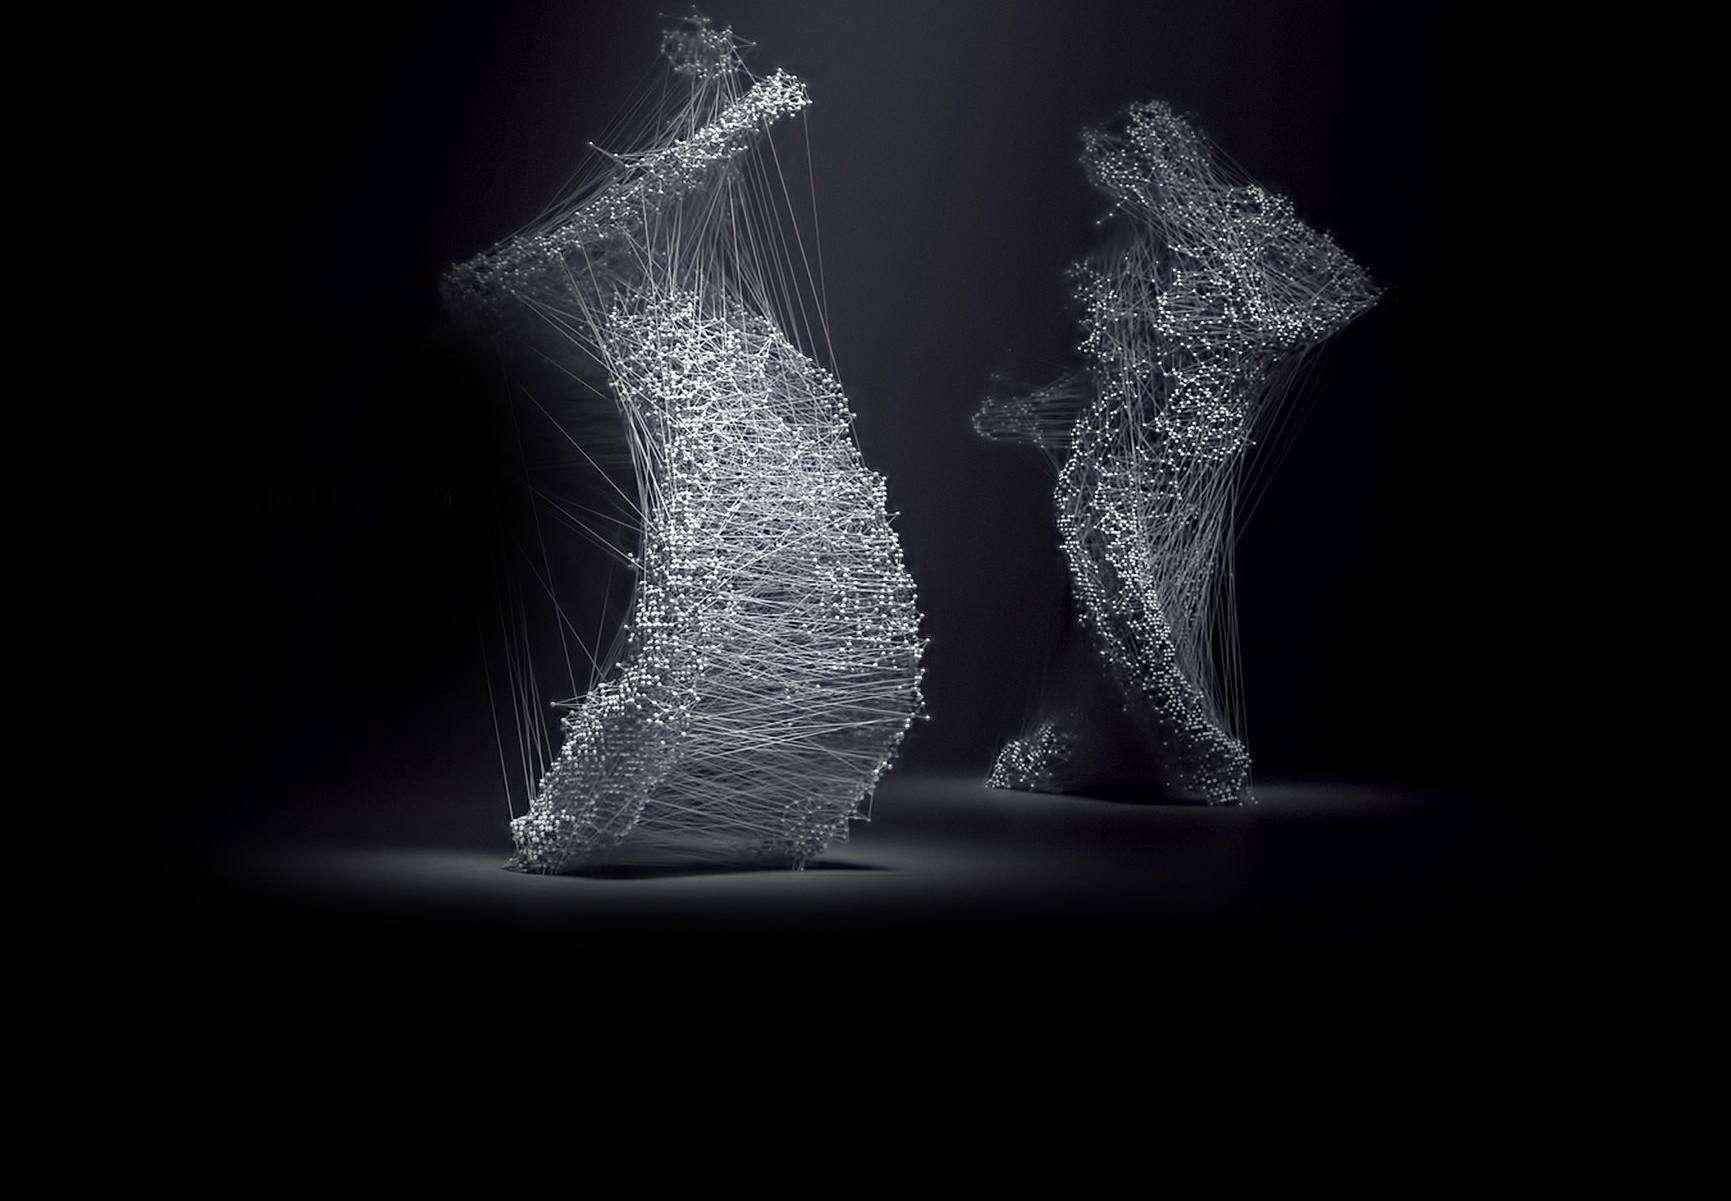 Künstler Michael Hawk versetzt das Duett digital in Bewegung.